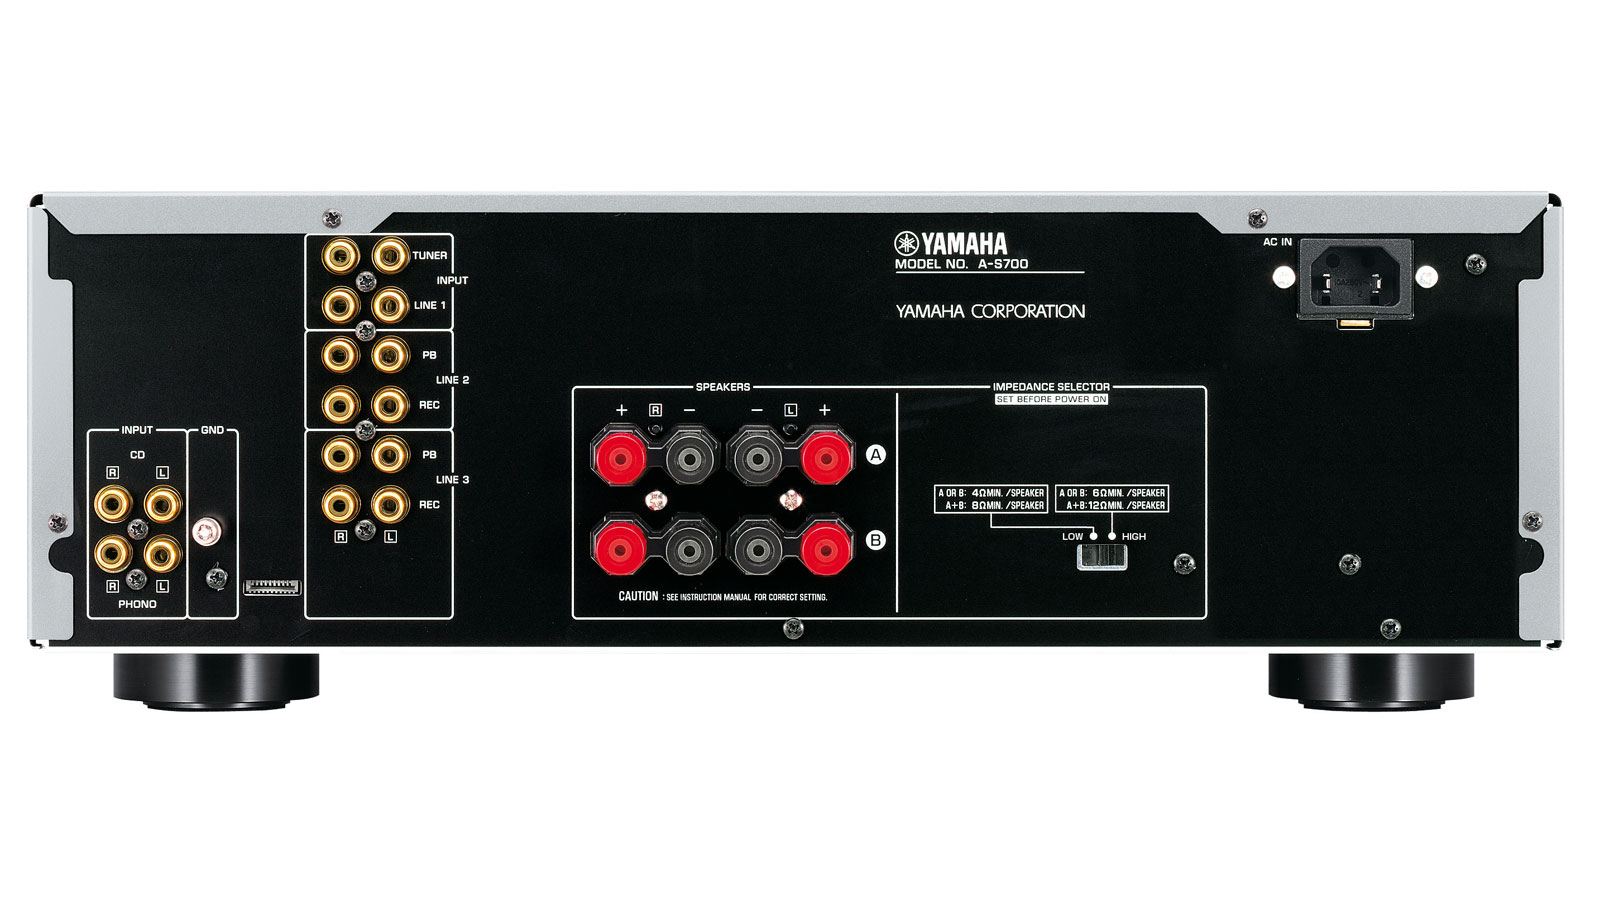 Yamaha A-S 700